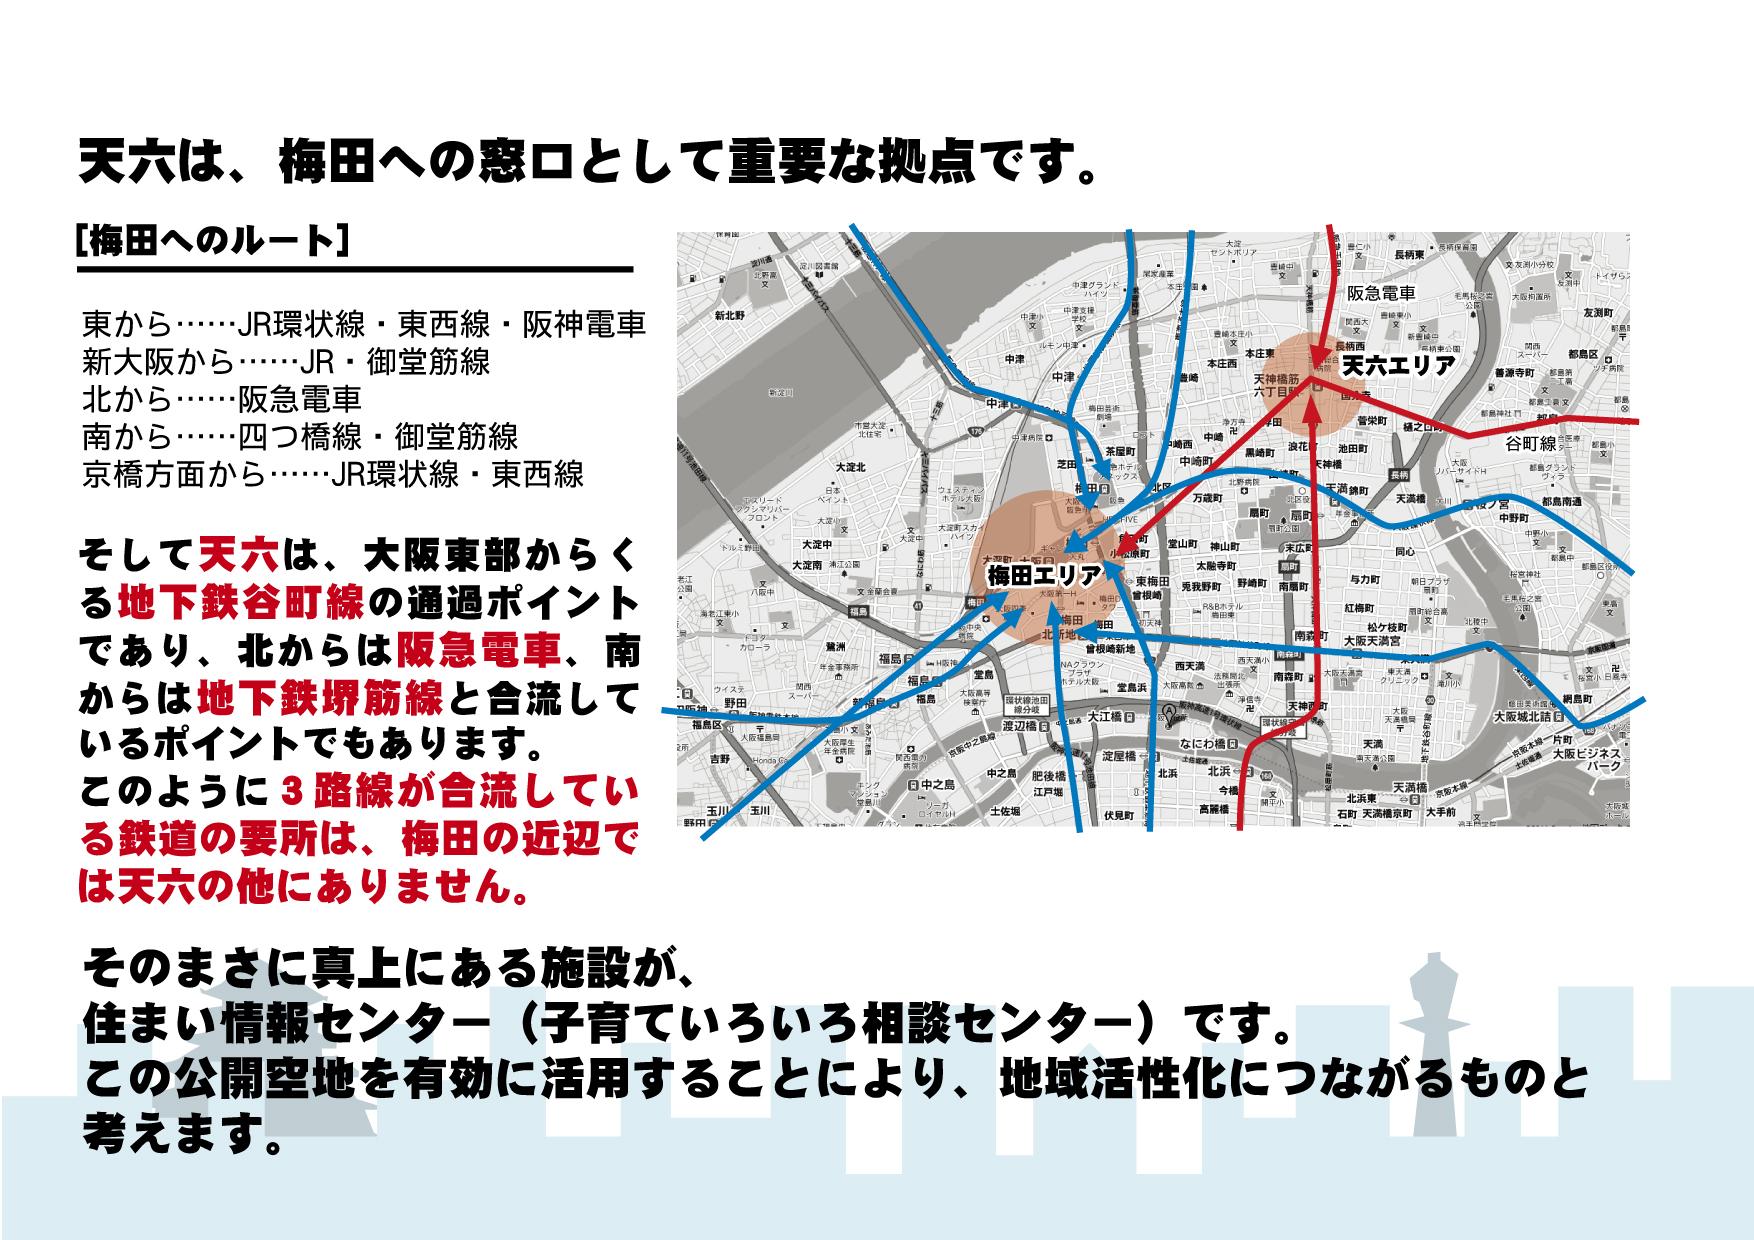 官公庁プレゼン・公共スペースを活用したライブイベント企画書(抜粋)